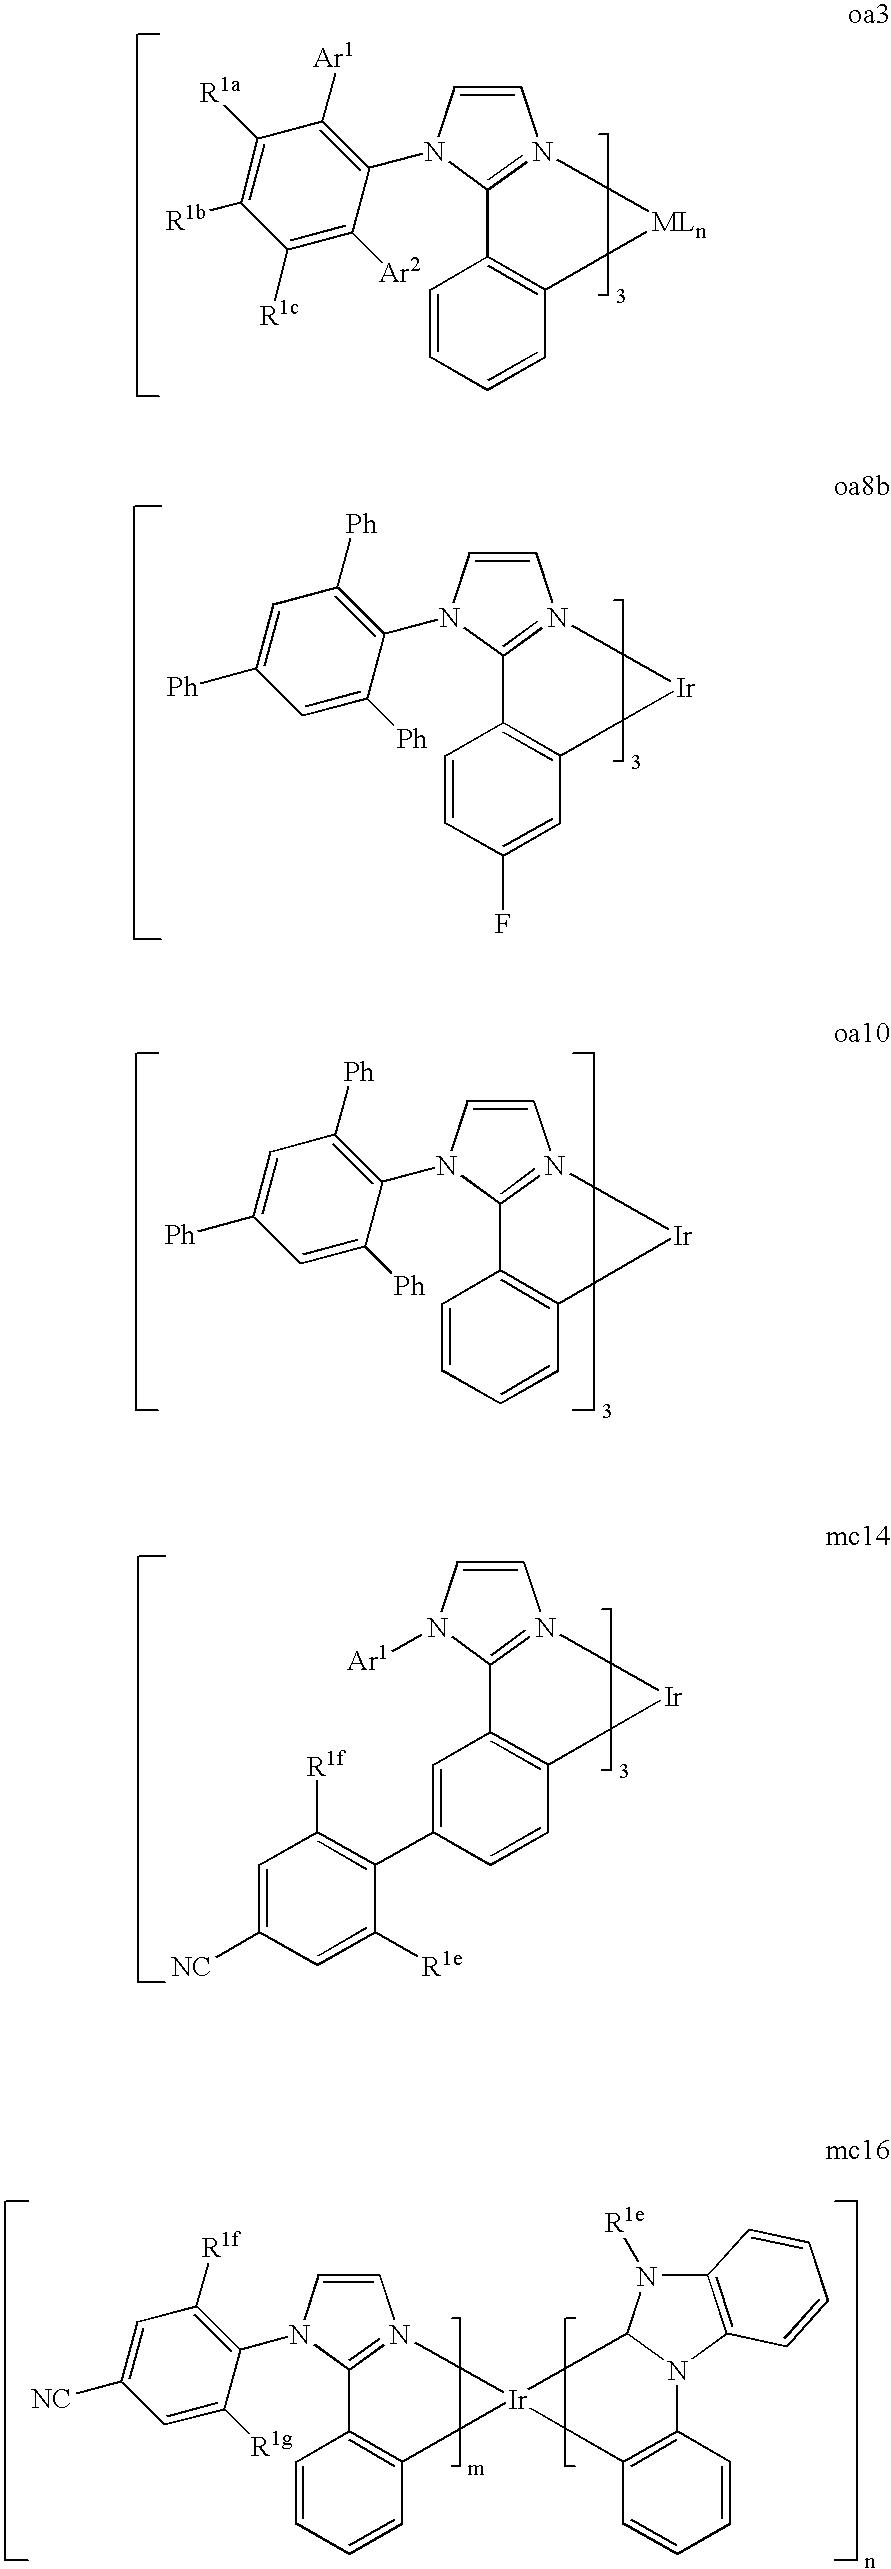 Figure US20070088167A1-20070419-C00028